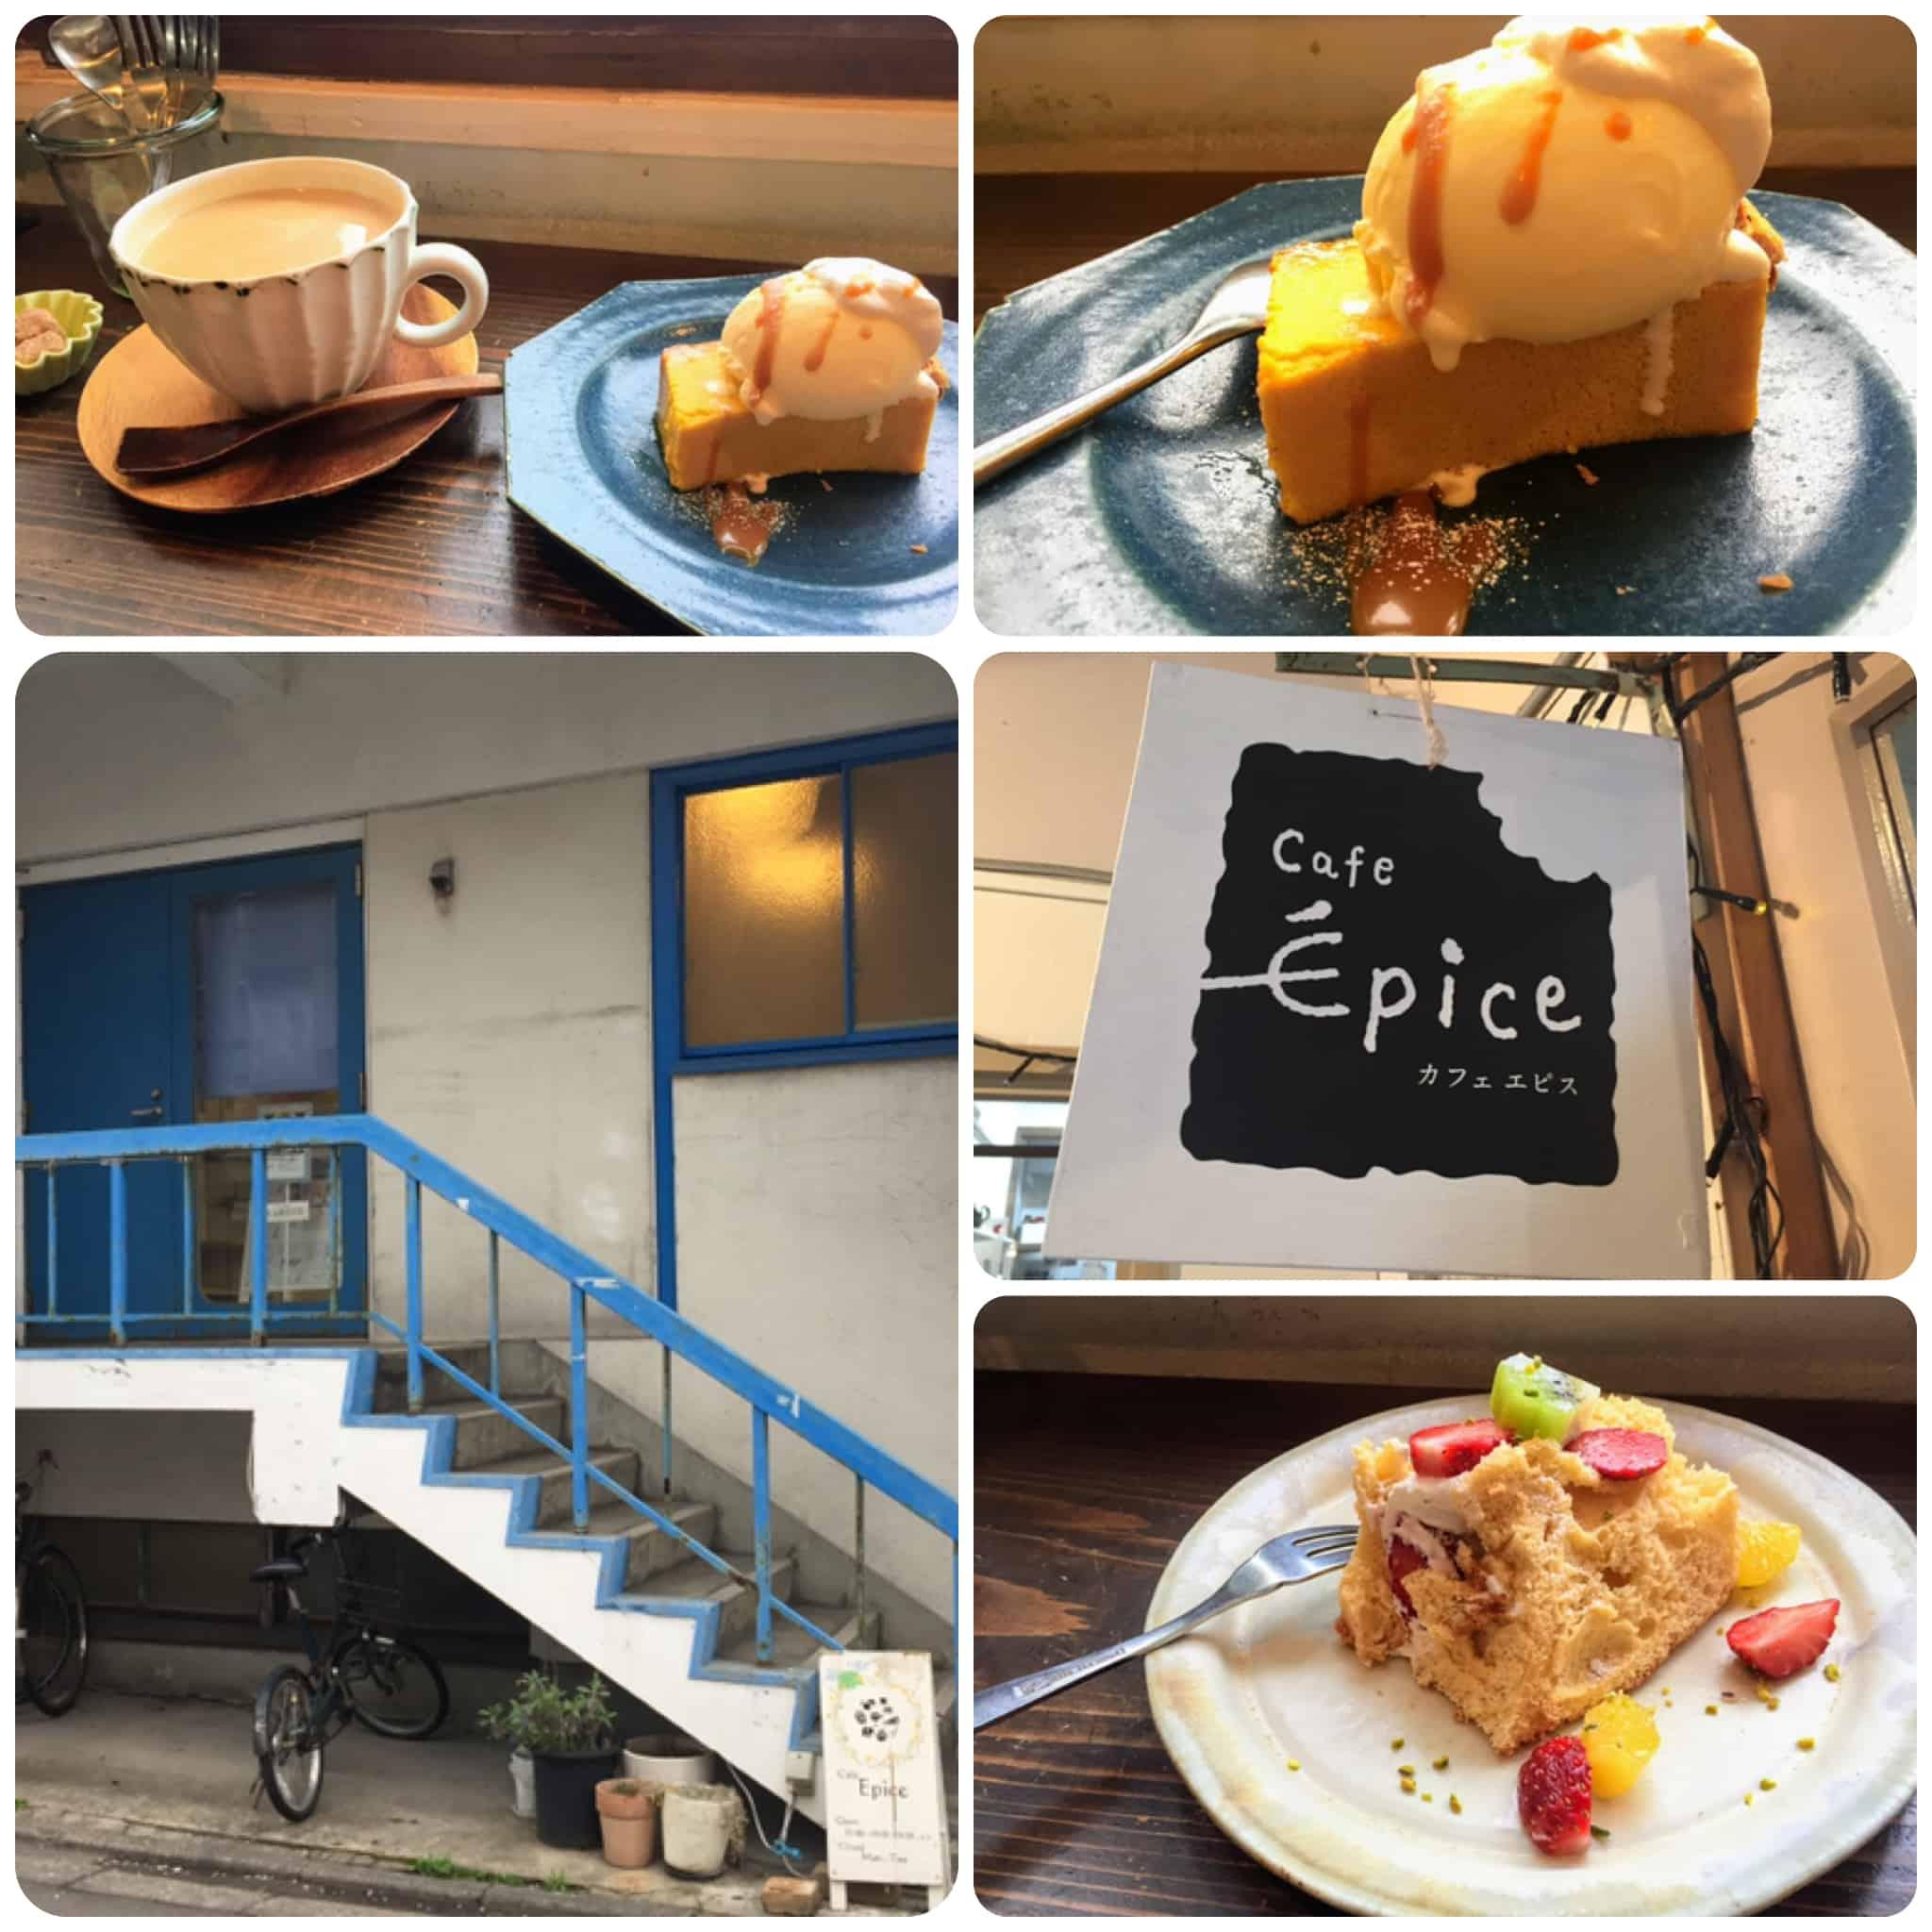 Cafe Epice